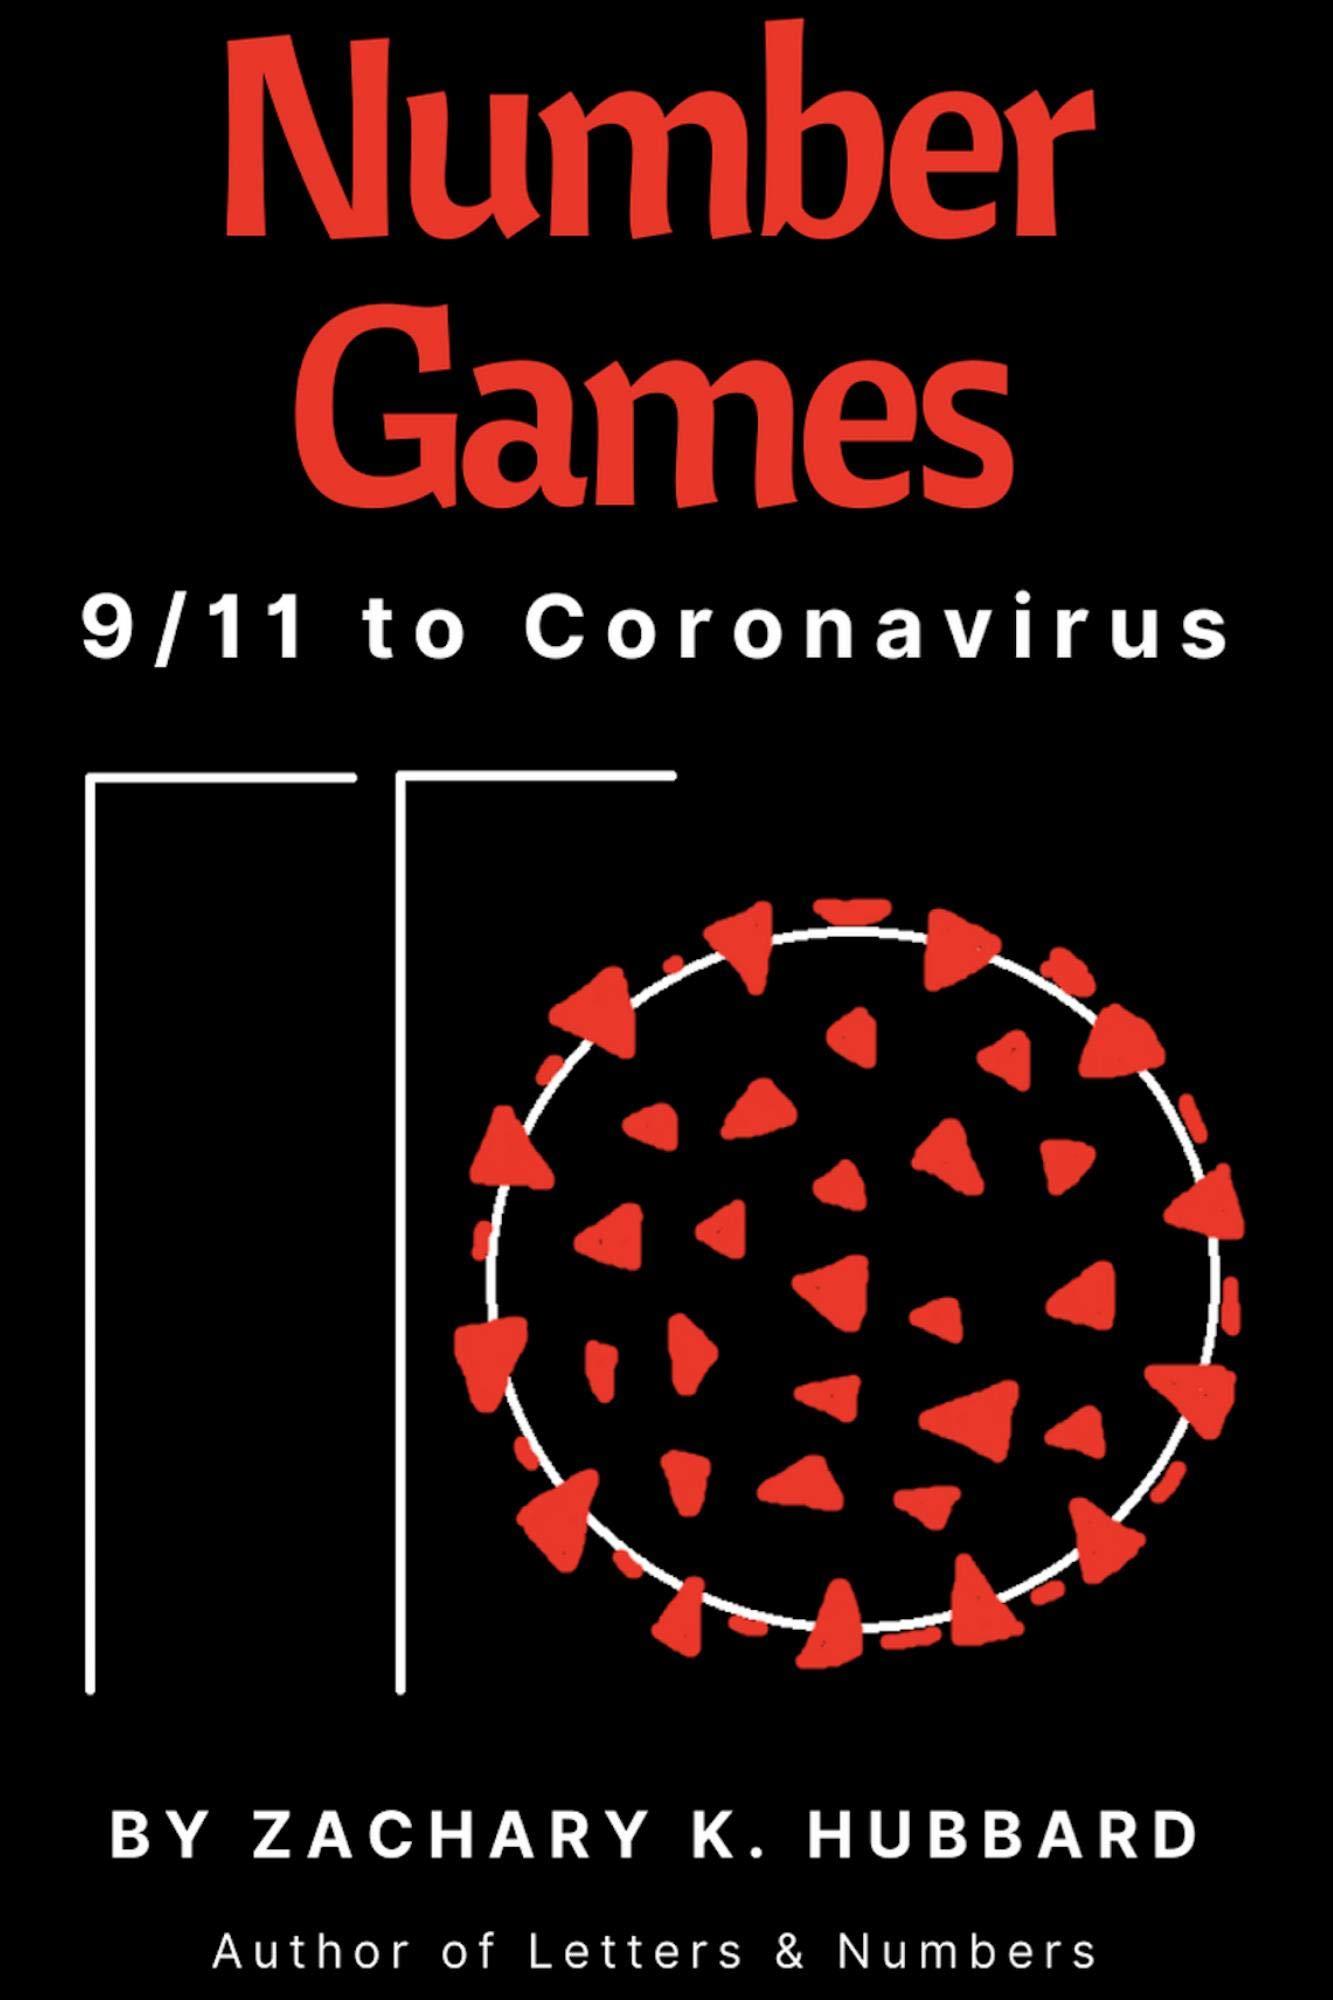 Number Games: 9/11 to Coronavirus